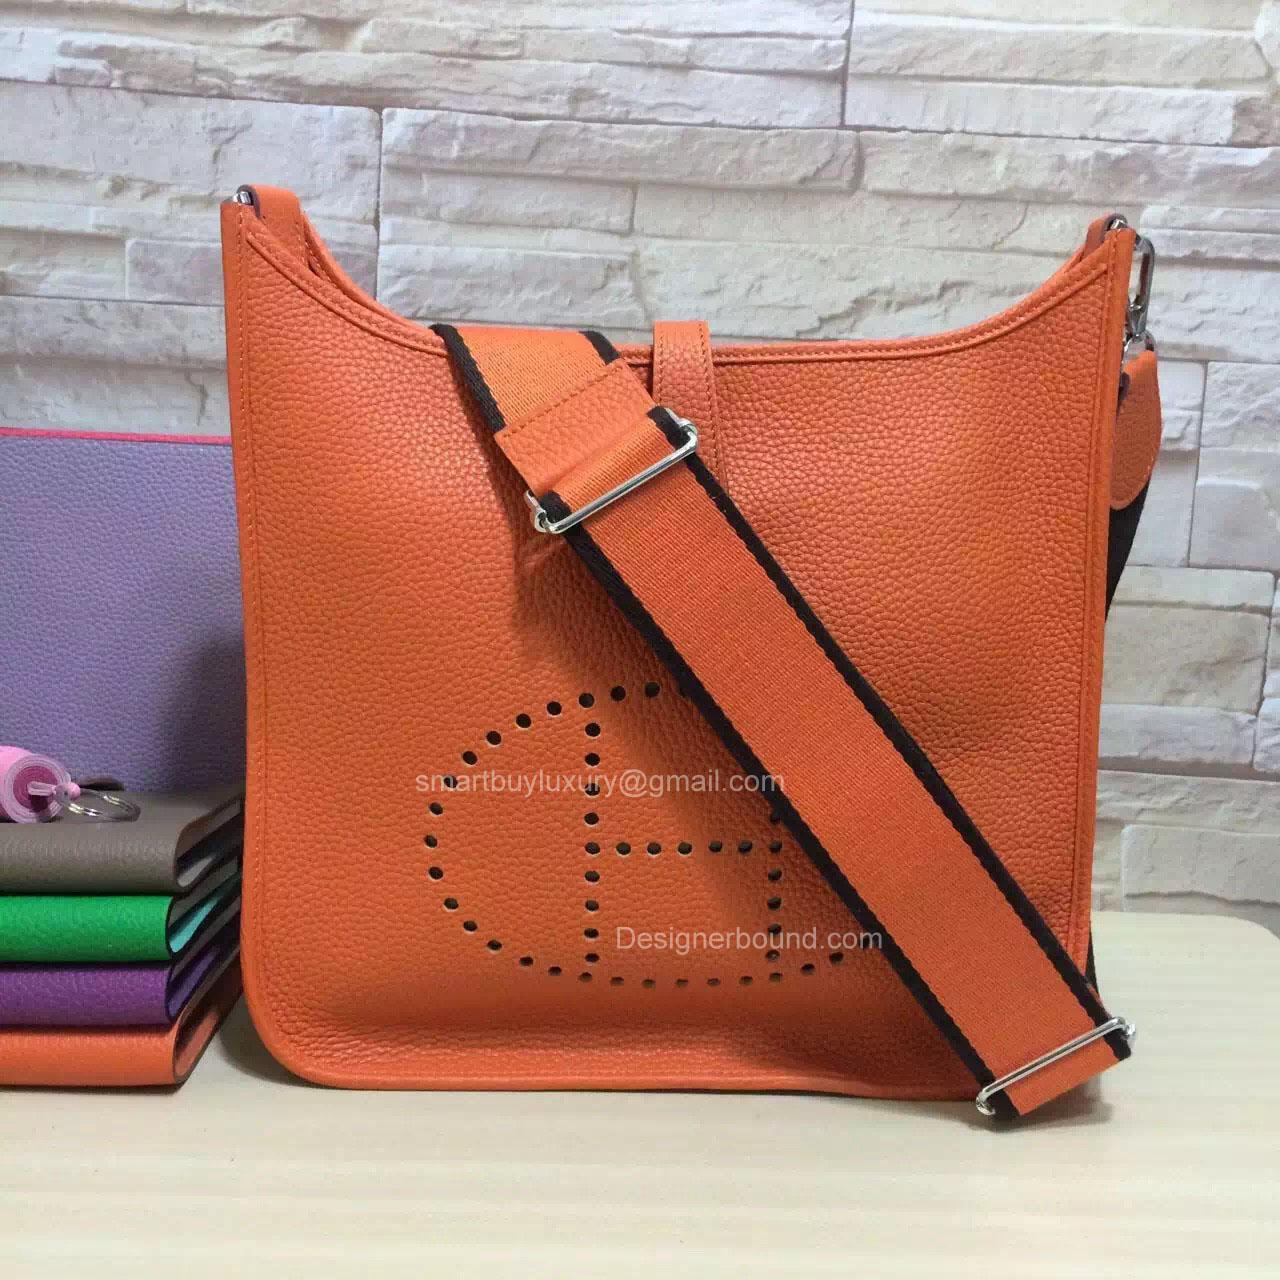 Hermes Bags Replica - Evelyne - DesignerBound.com 3c46ce7e8b0e5